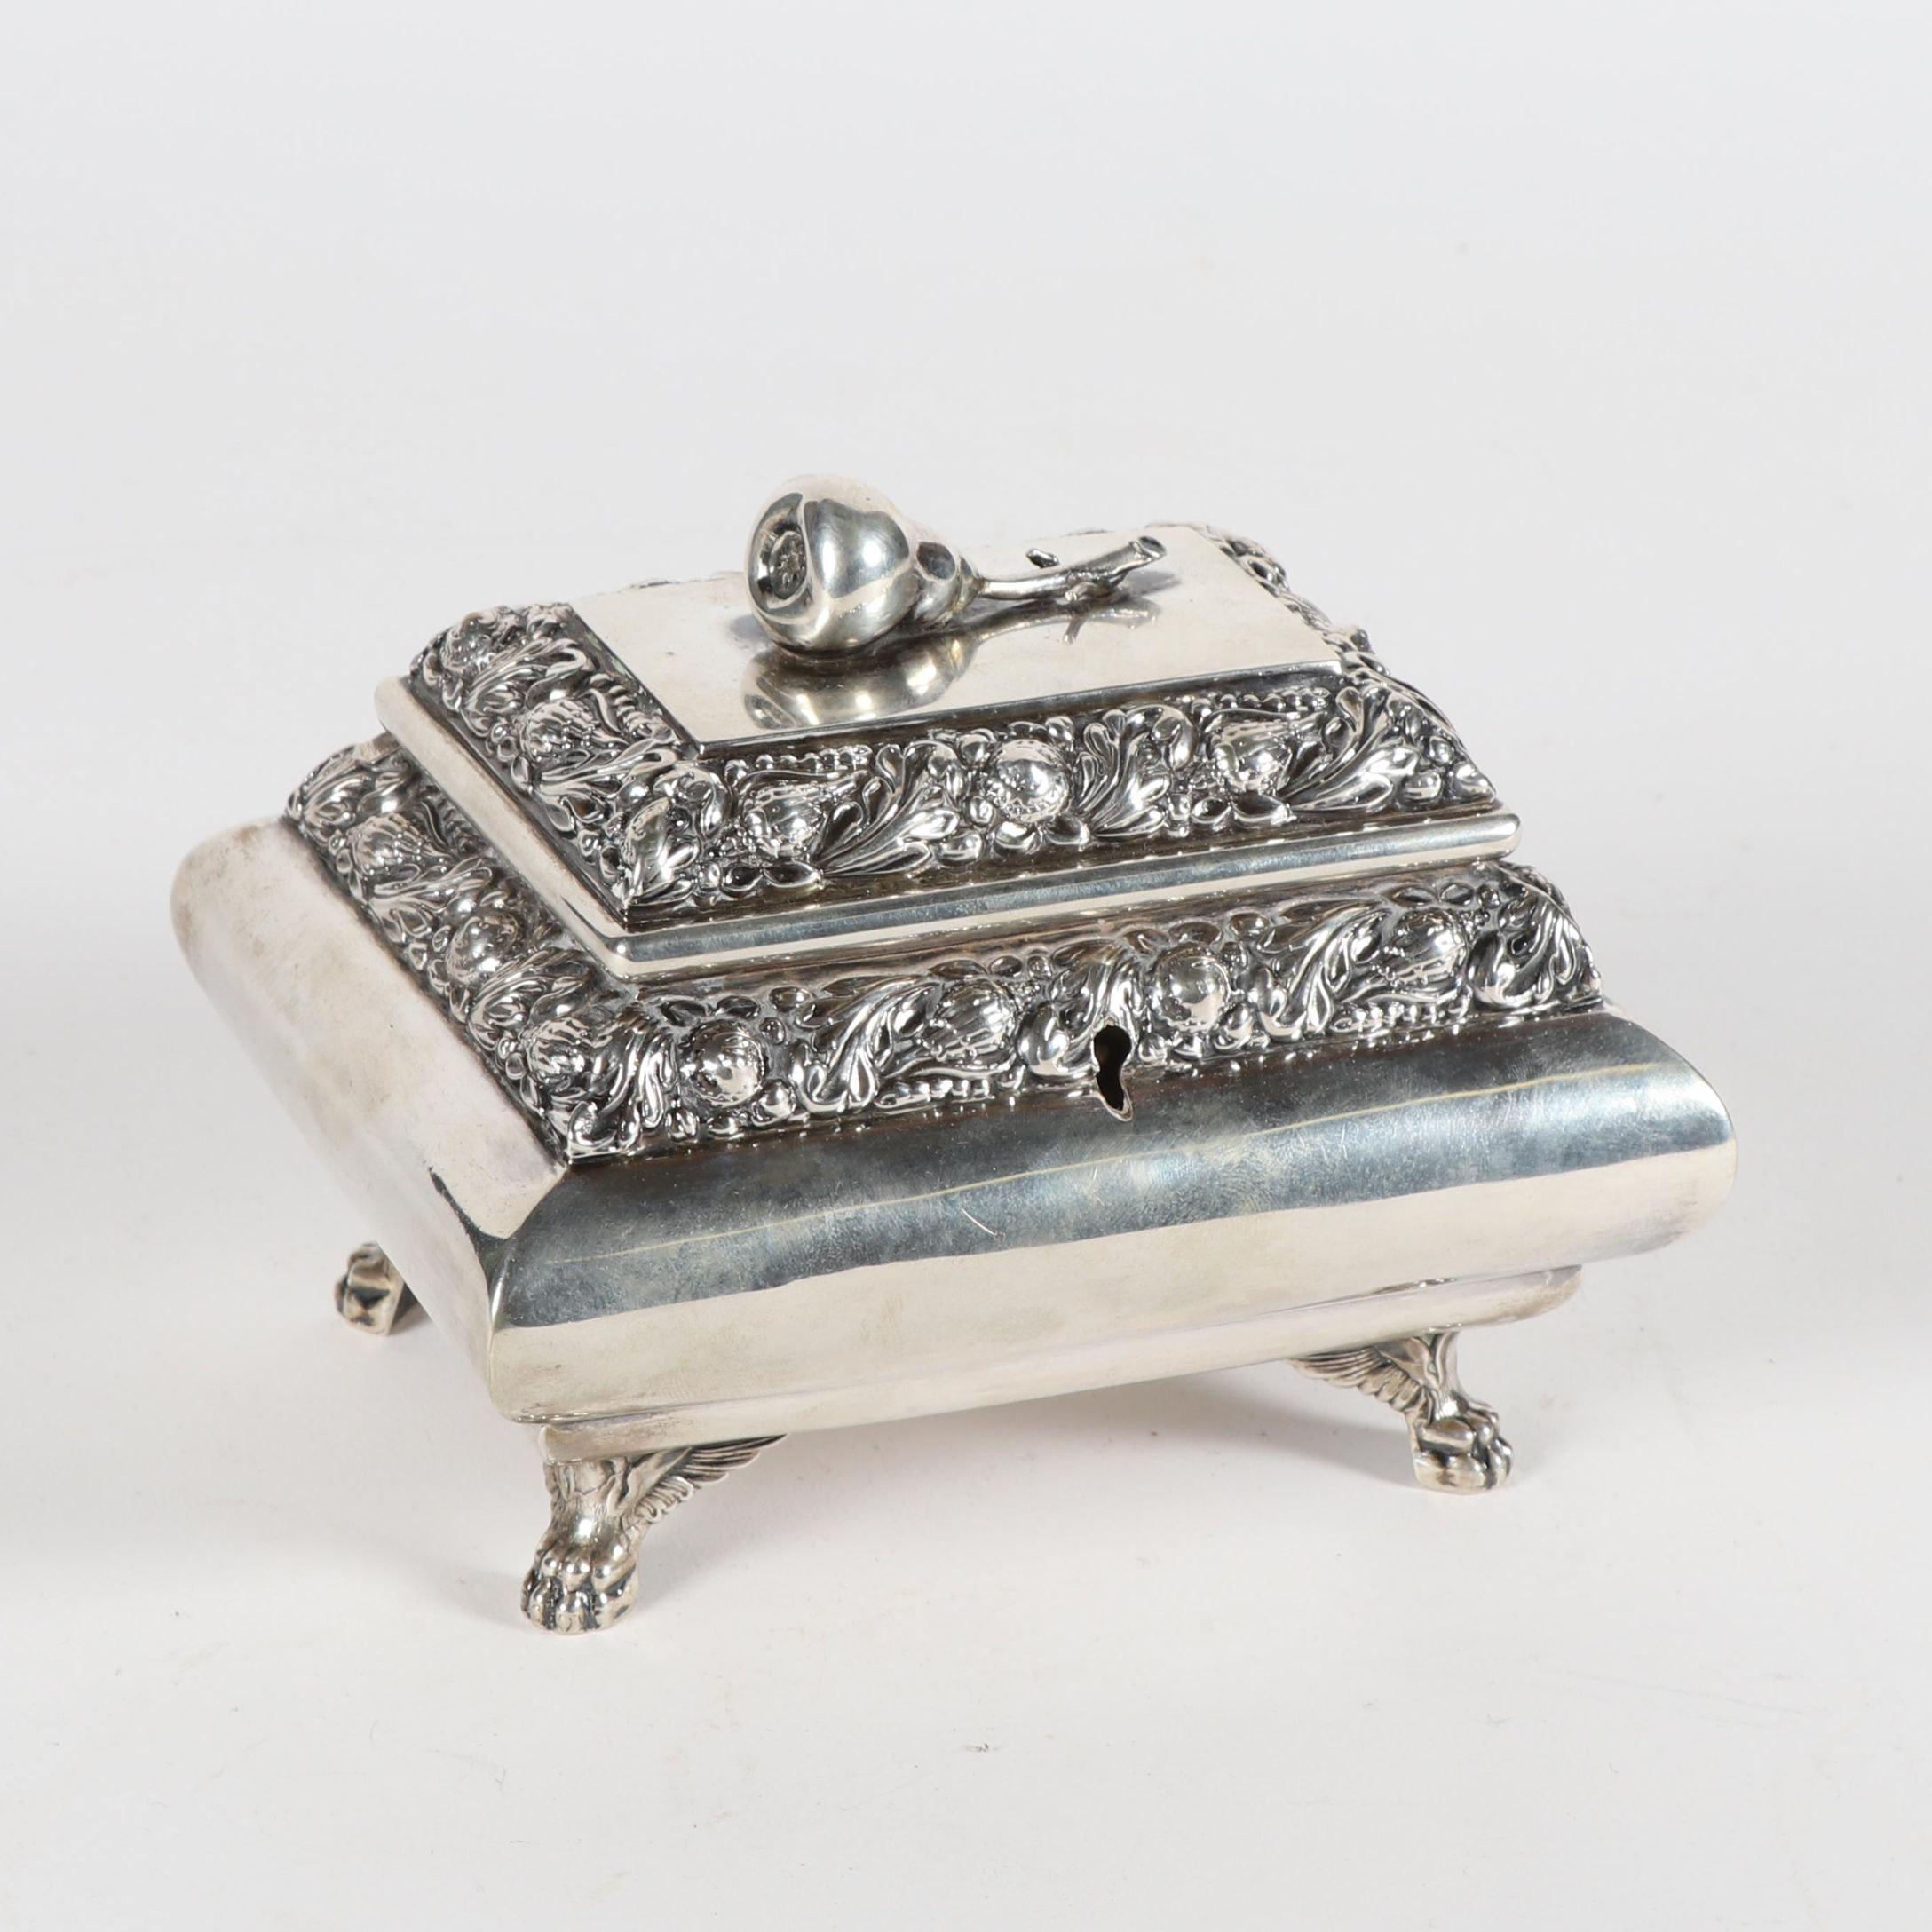 Austrian Repoussé Silver Casket, ca. Mid 19th Century